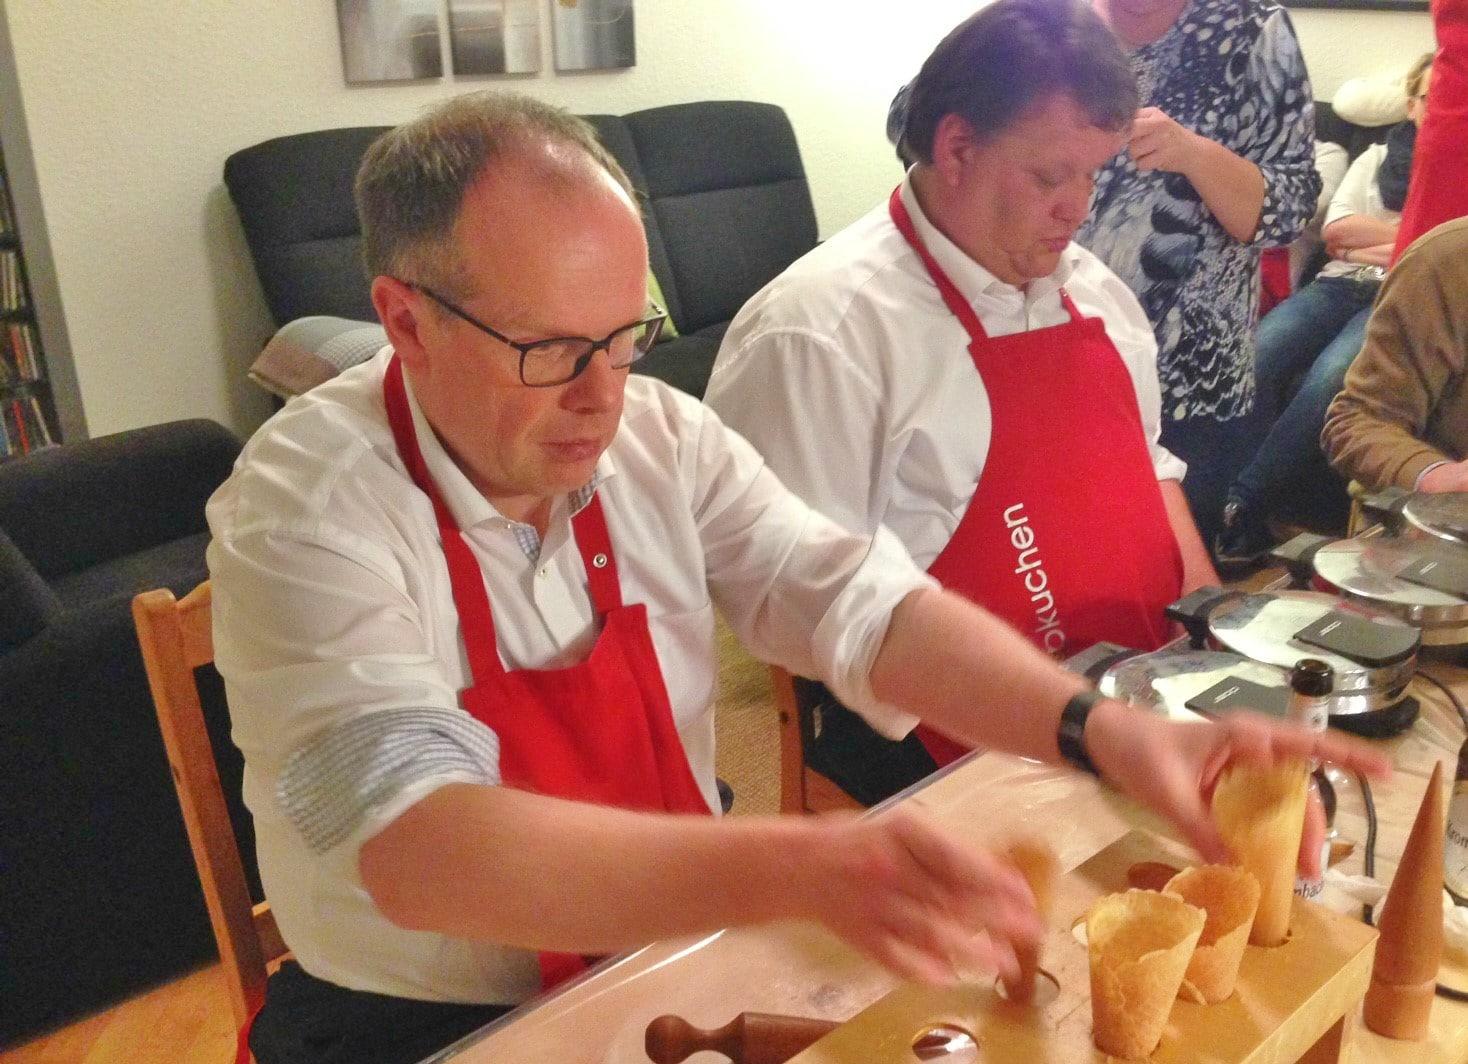 Einmal im Jahr dampft es auch in Osnabrück: Weibischof Johannes Wübbe rollt Piekuchen in seiner Wohnung.